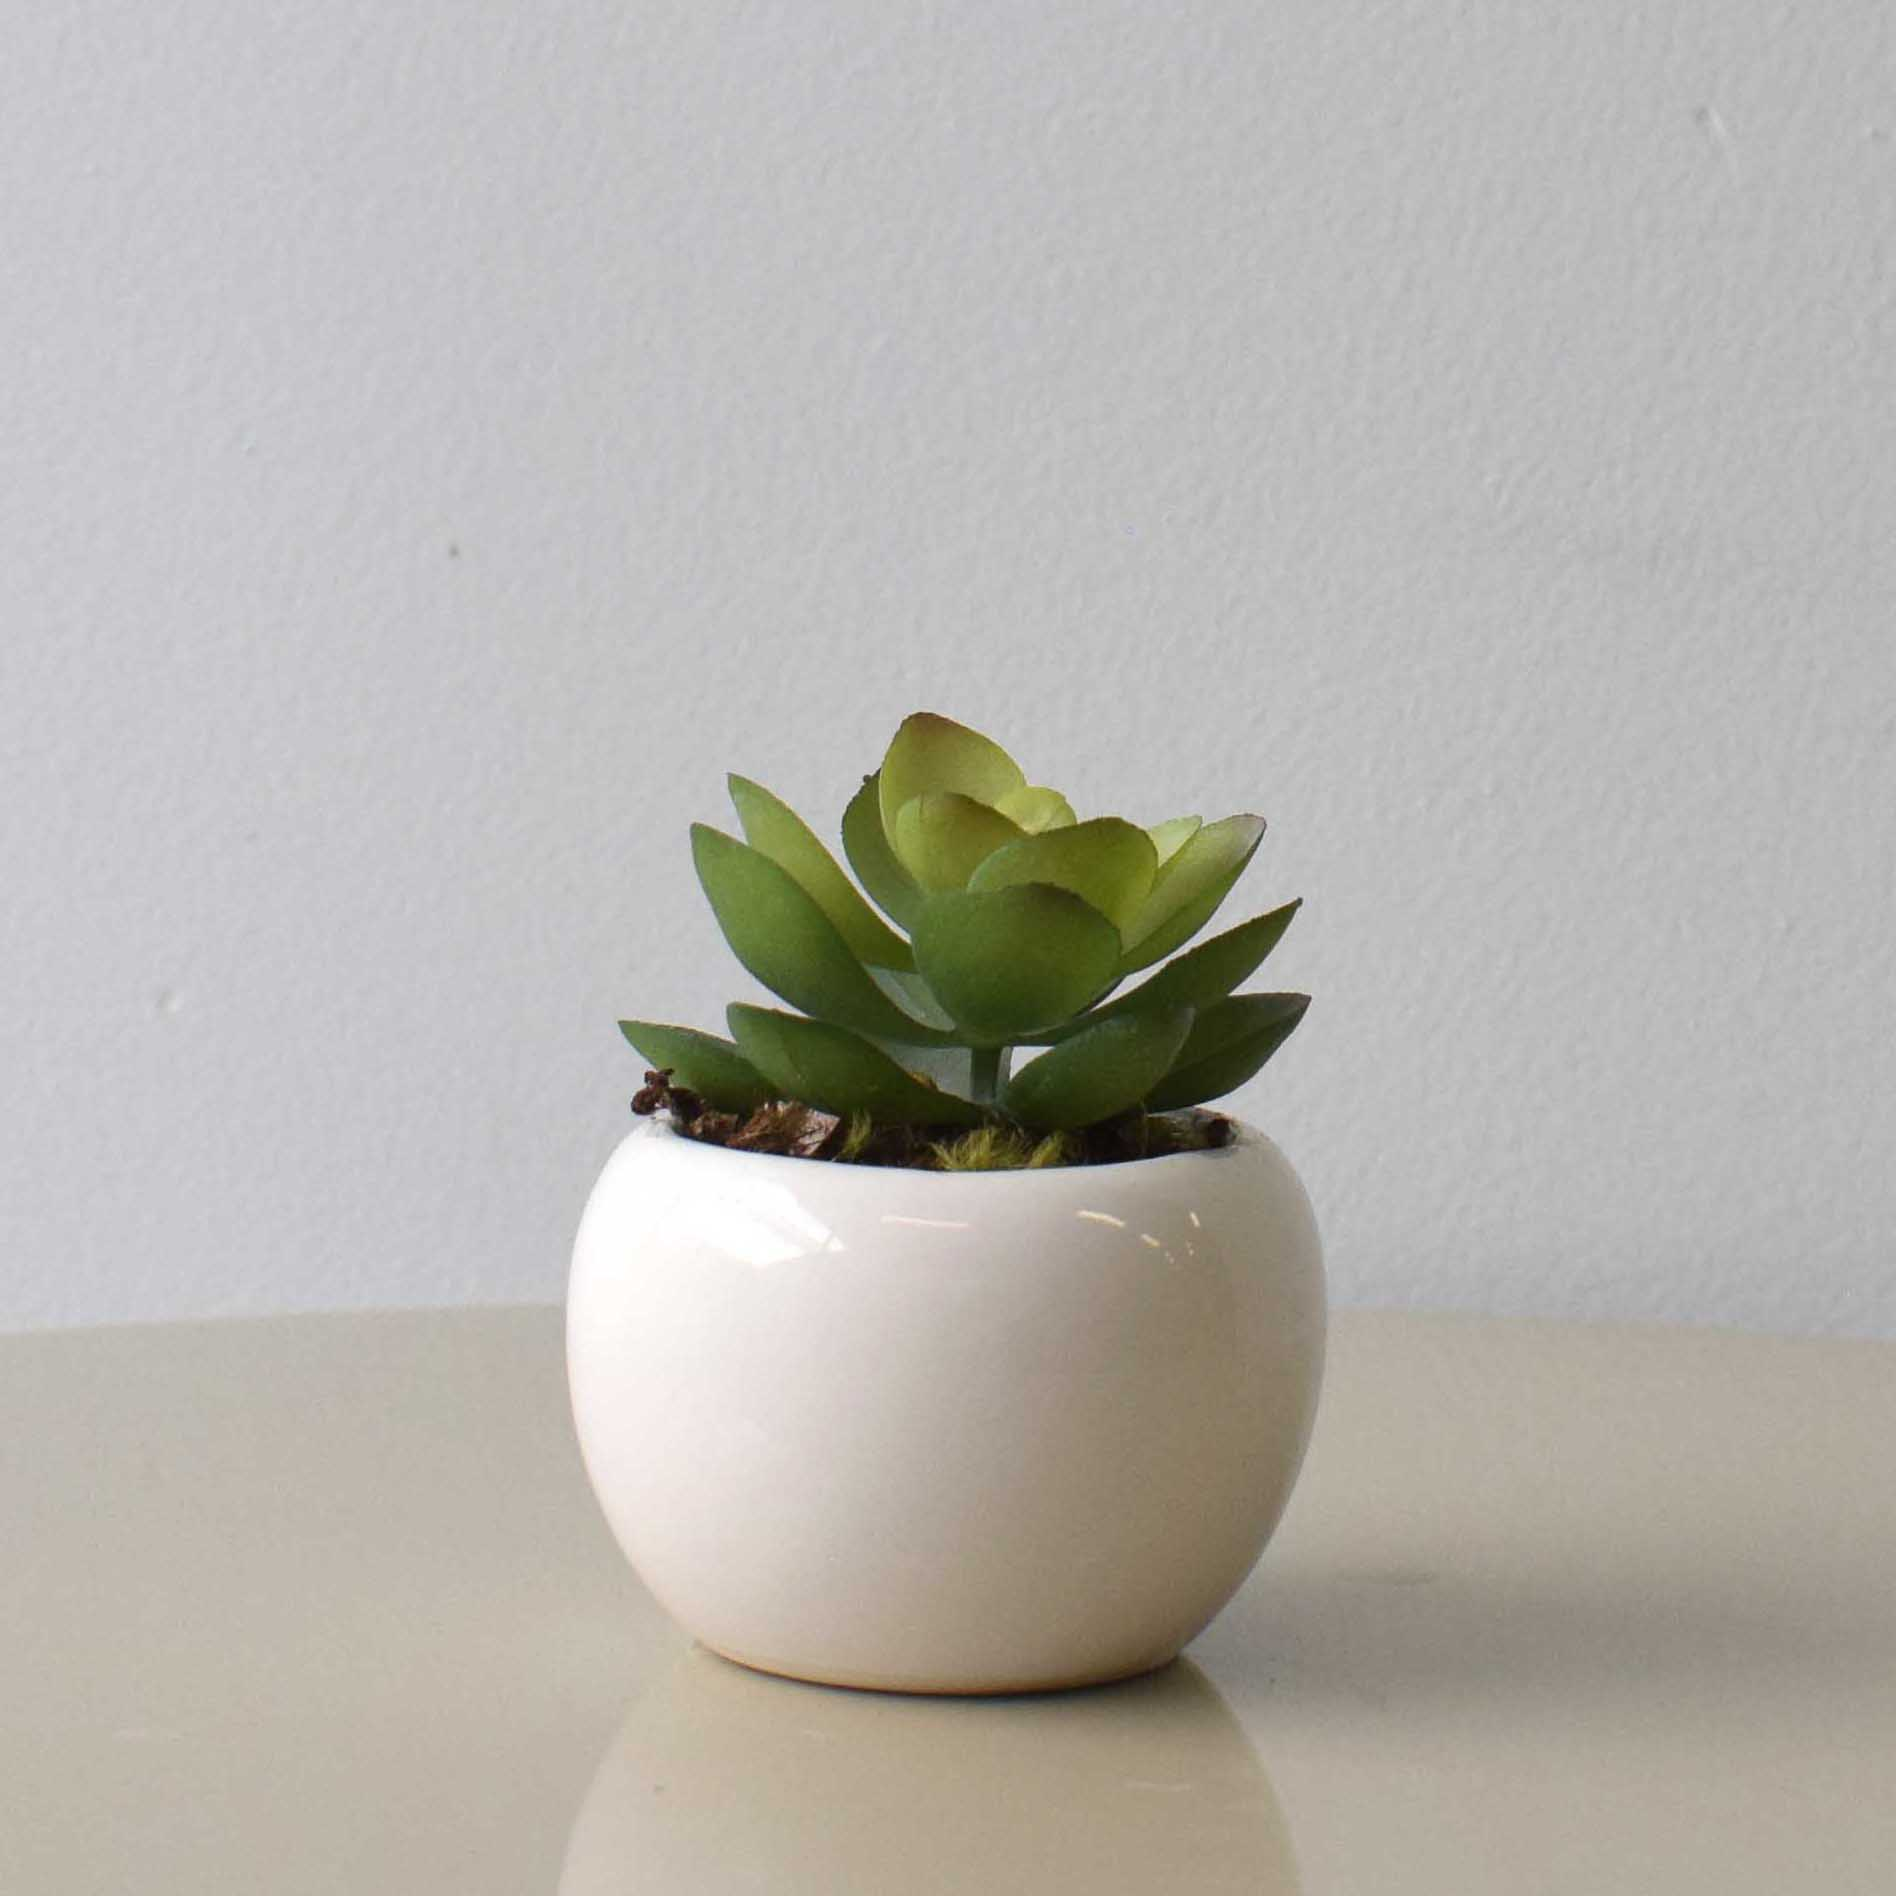 Arranjo de Suculenta no Vaso de Cerâmica